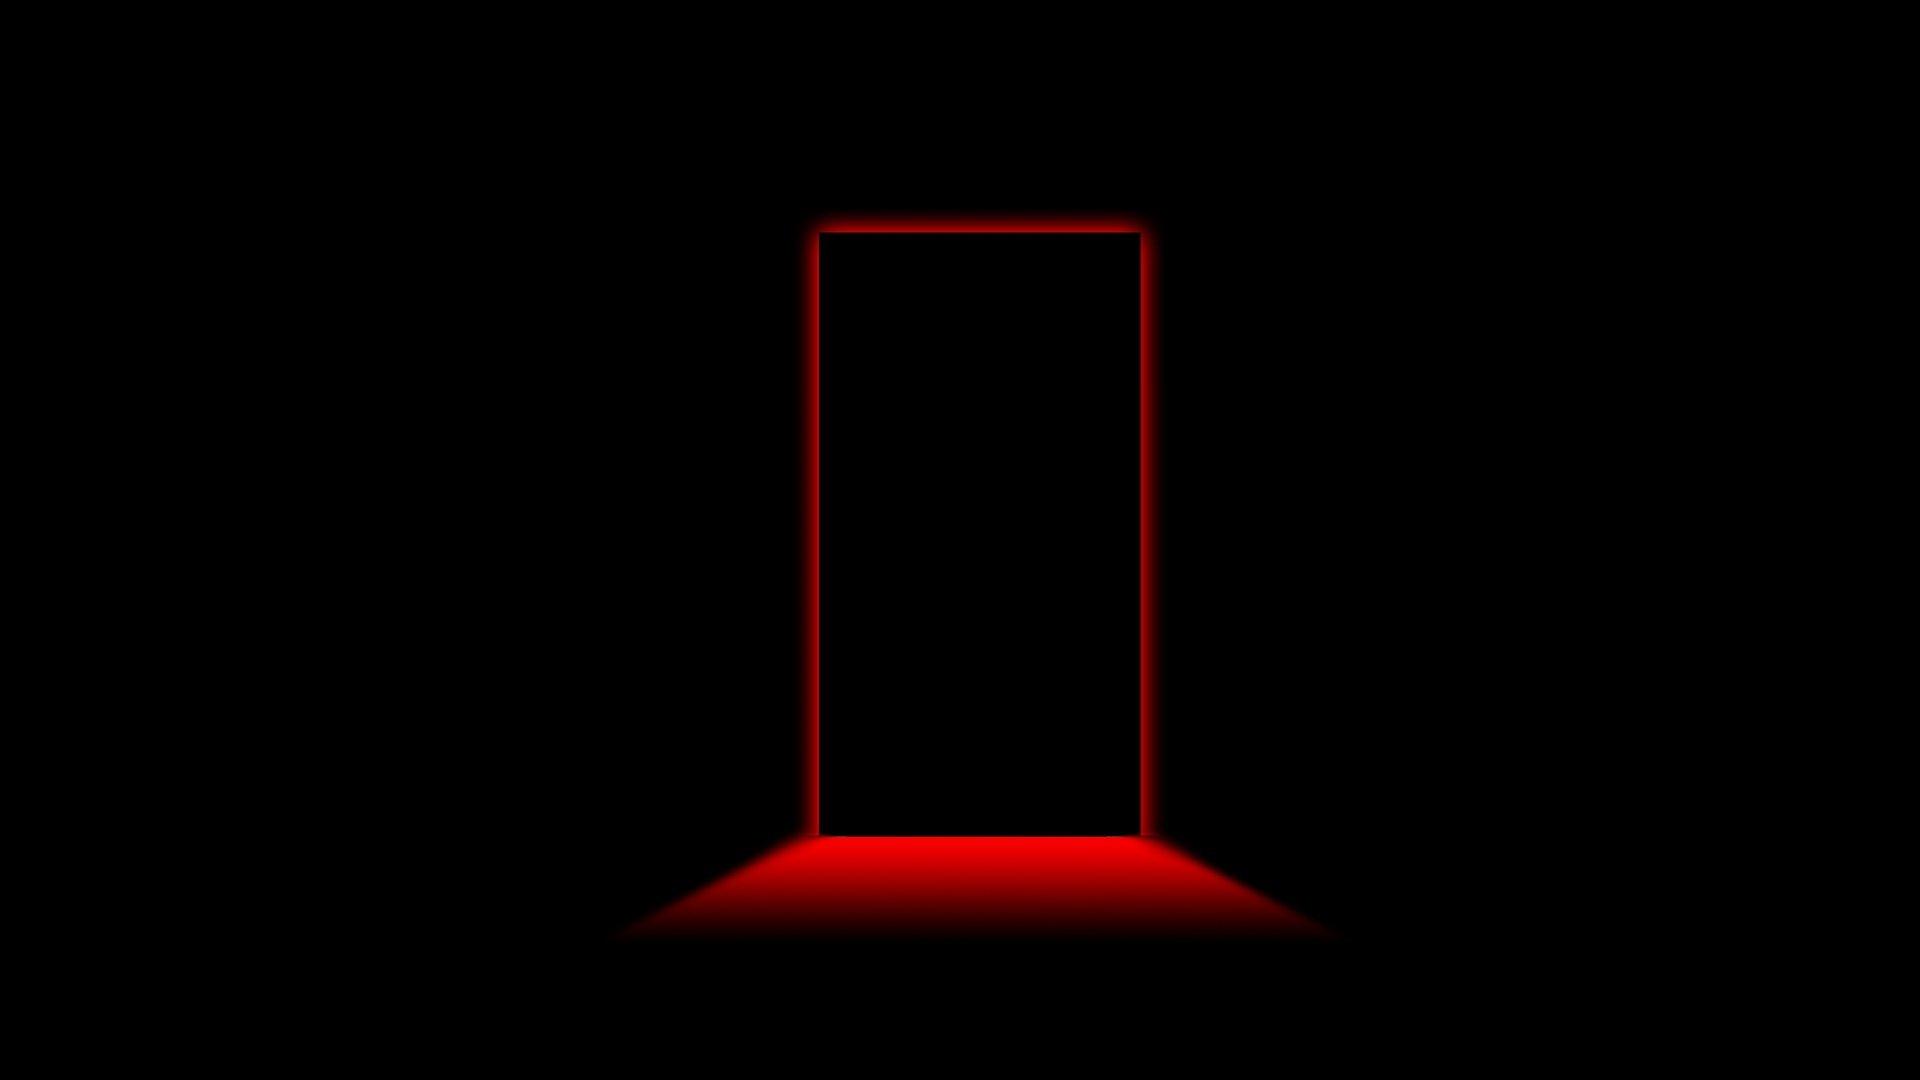 Black and Red Wallpaper 1920x1080 - WallpaperSafari